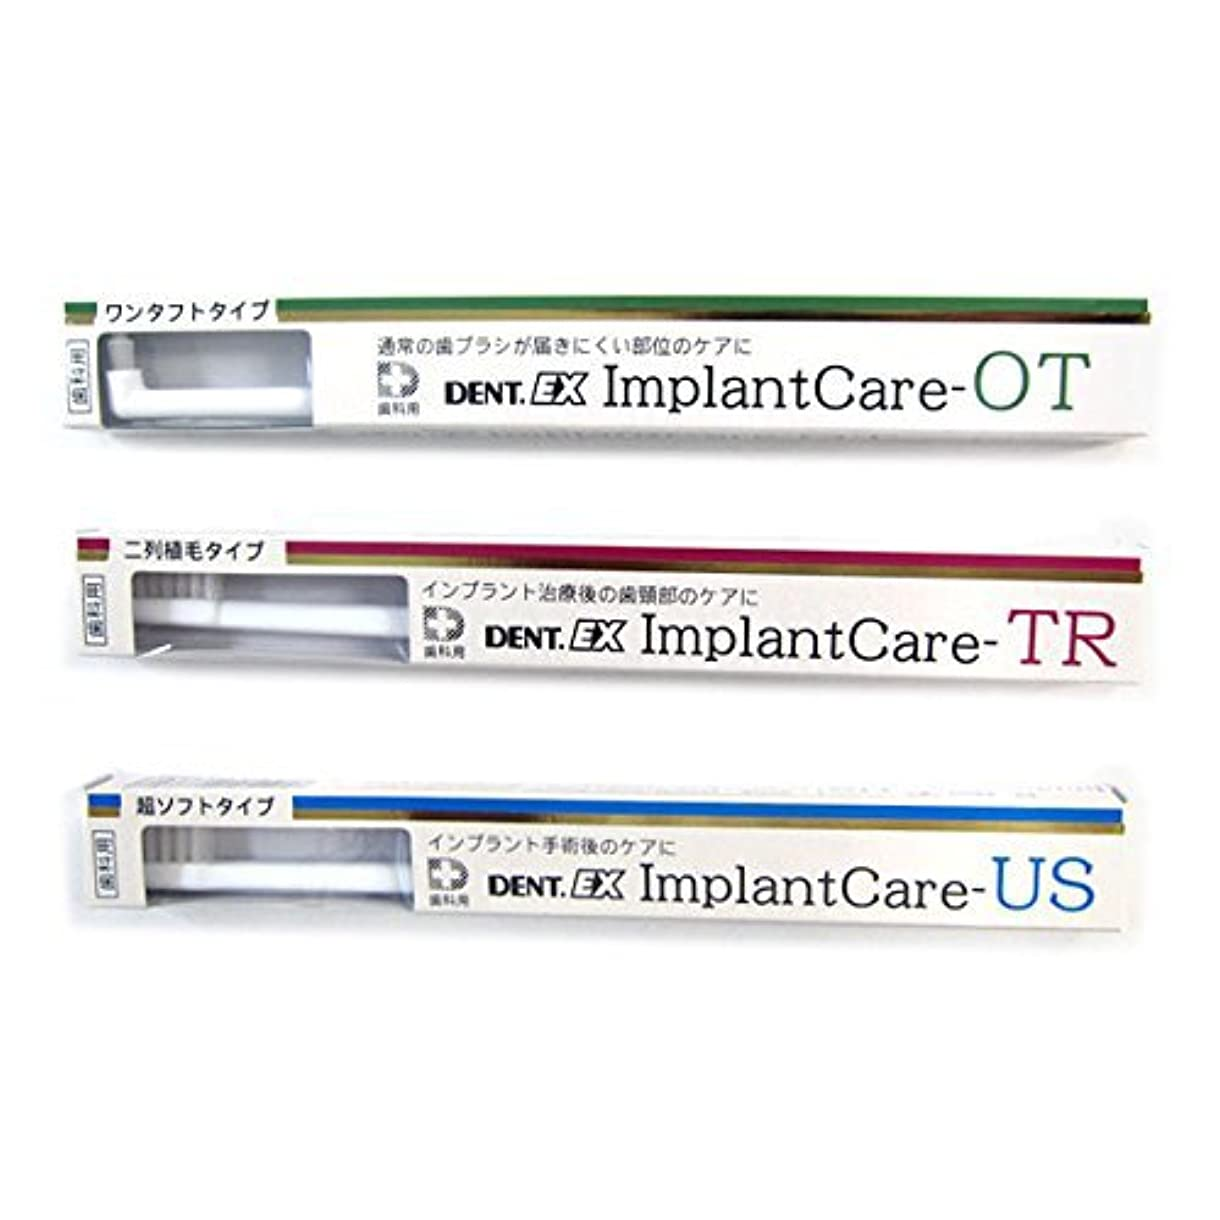 統計的陰気心配するデント DENT EX ImplantCare インプラントケア 単品 OT(ワンタフト)